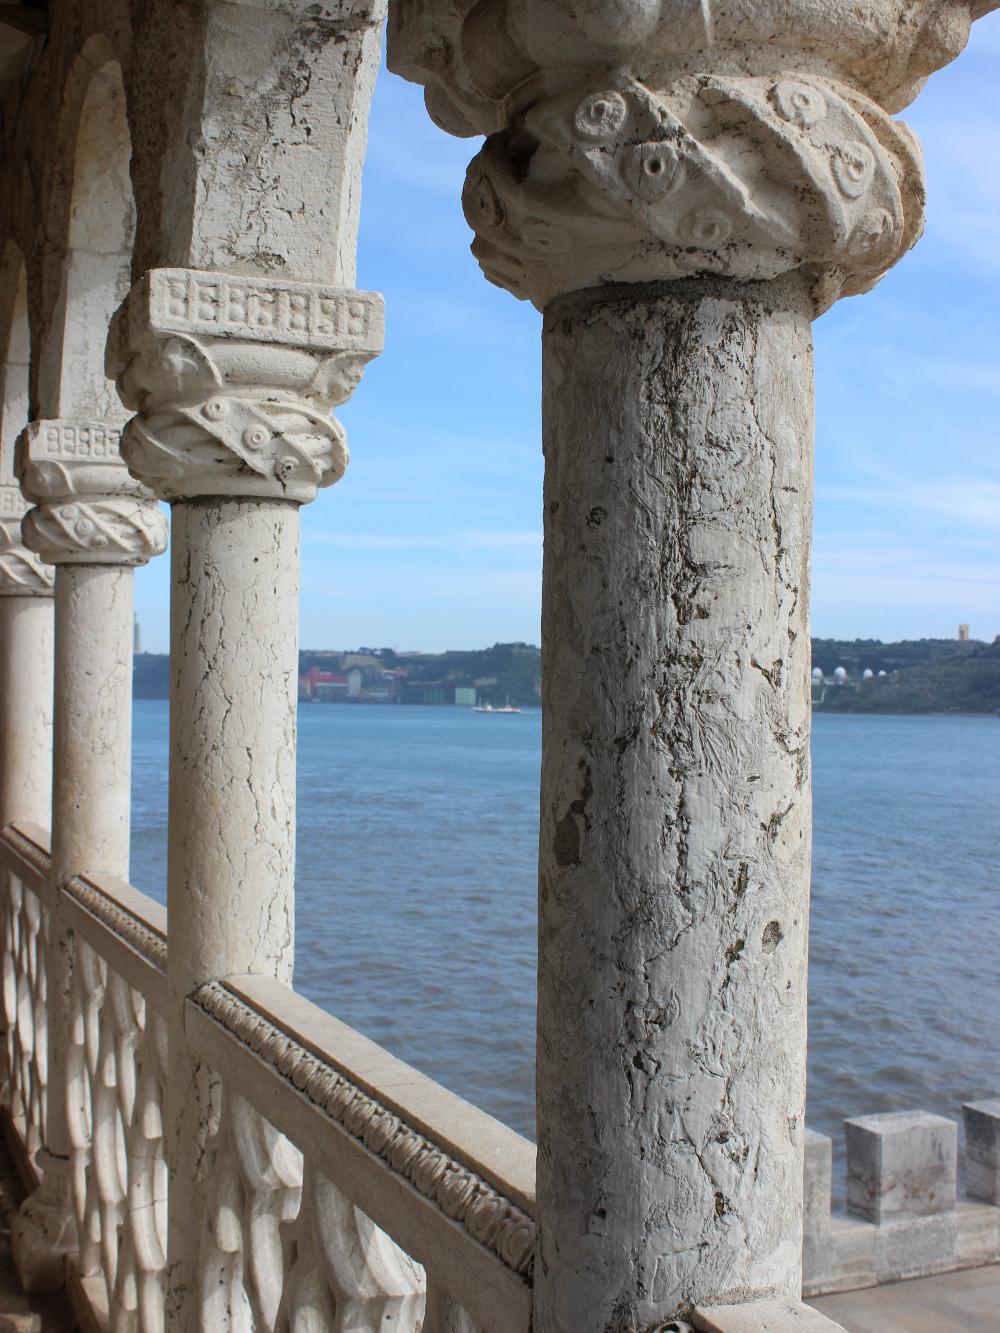 Lissabon Lisbon Lisboa Travel Diary Reise Bericht Tipps Torre de Belem Tower Balcony Kings Room